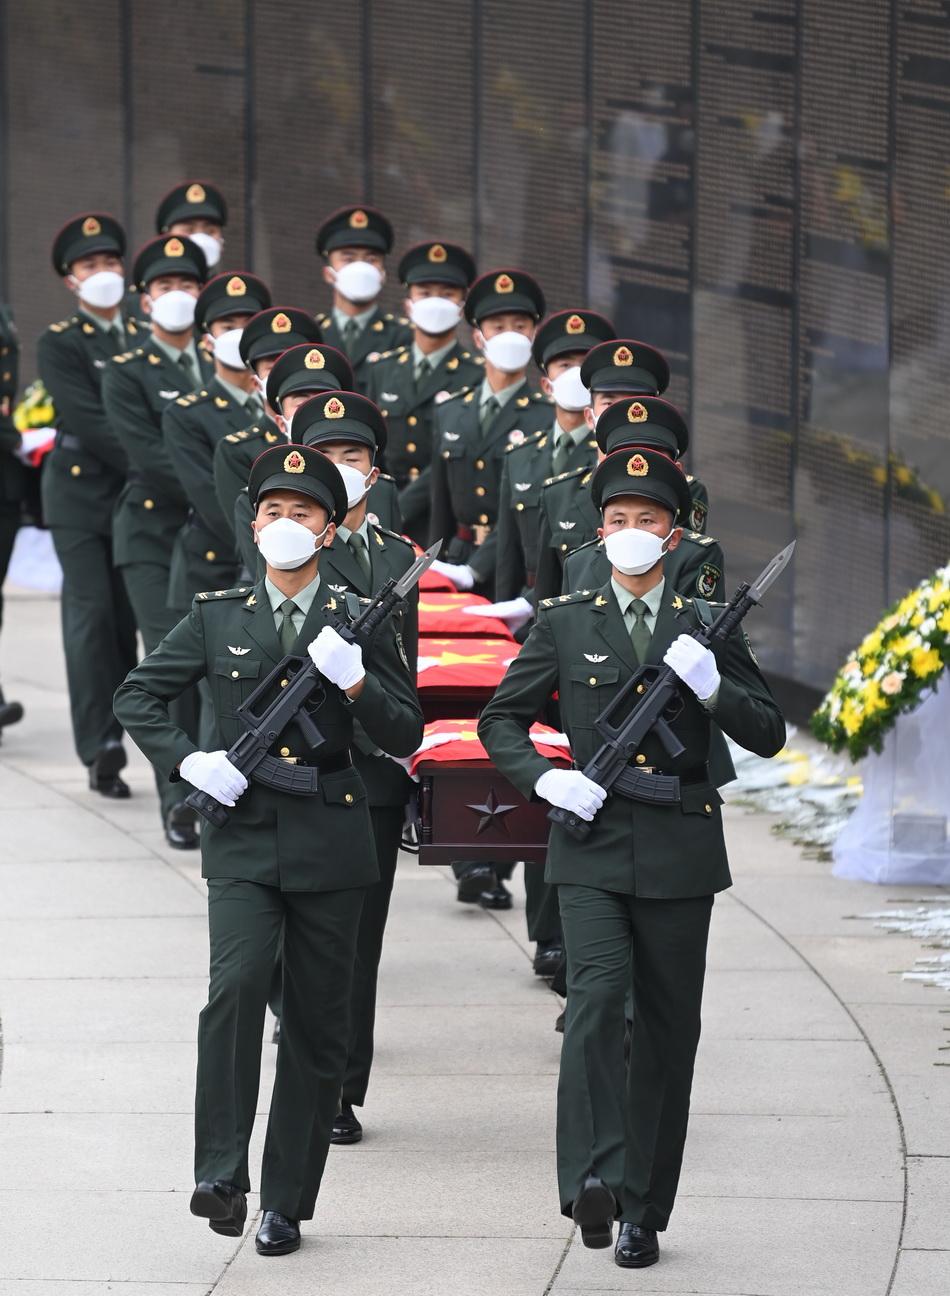 2021年9月3日,禮兵護送志愿軍烈士遺骸棺槨進入安葬地宮。